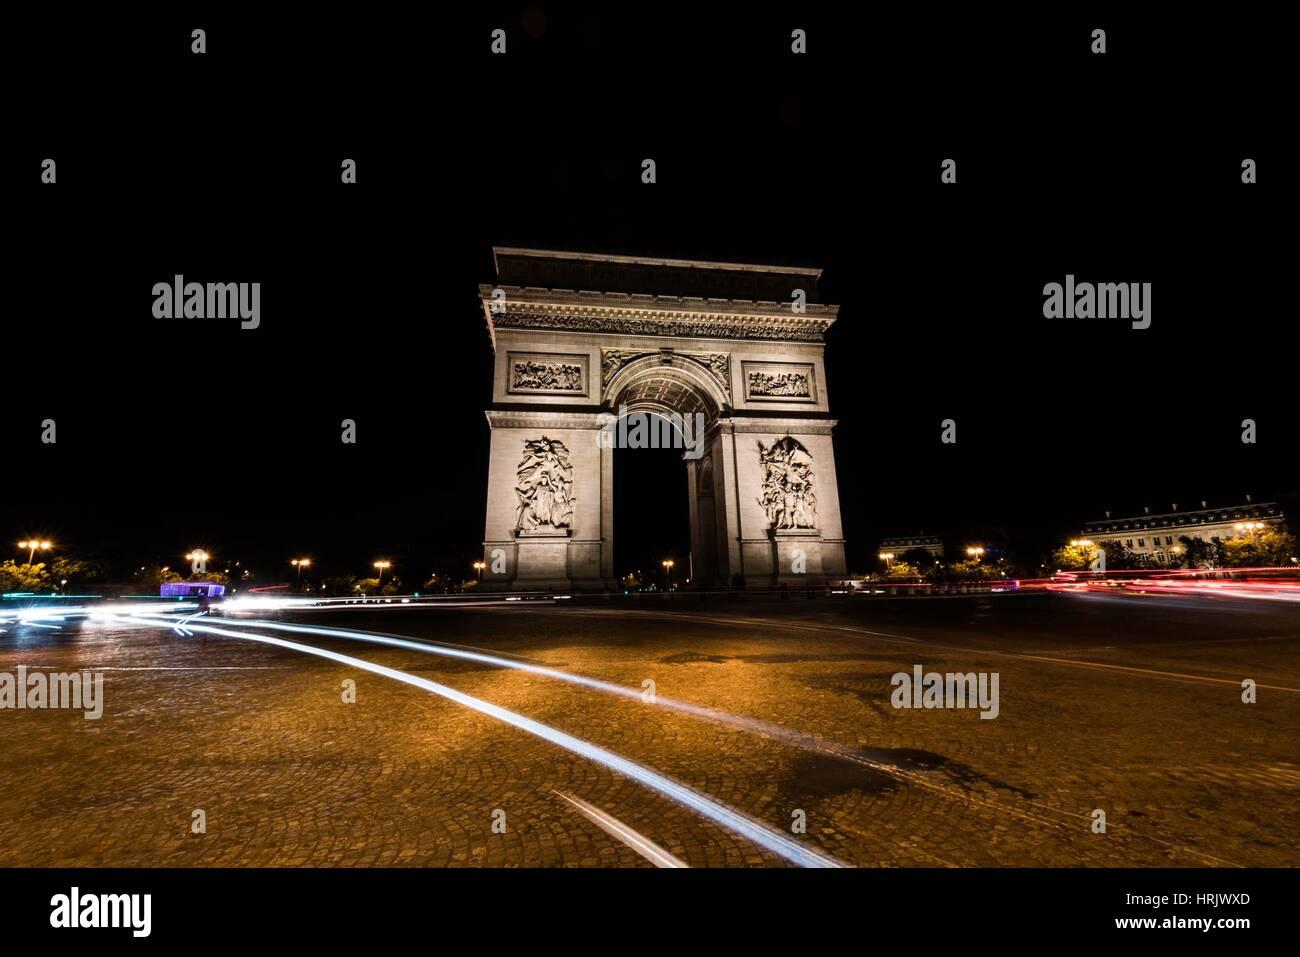 Arc de Triomphe in Paris at night - Stock Image